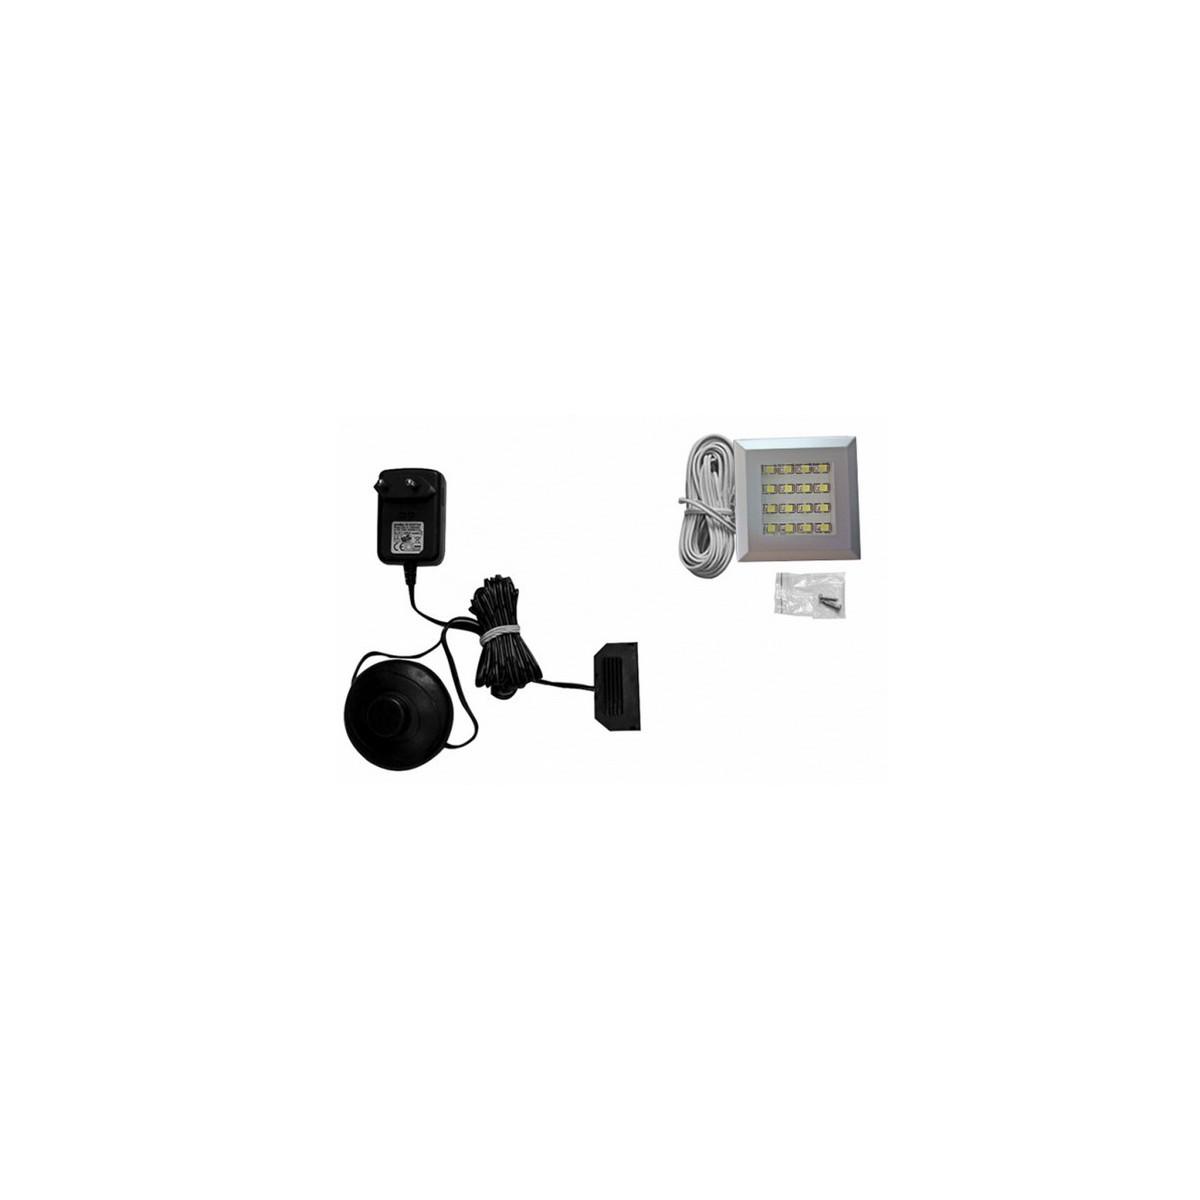 Zestaw oświetlenia LED 1-punktowy IZLED09-01-WK01 Forte